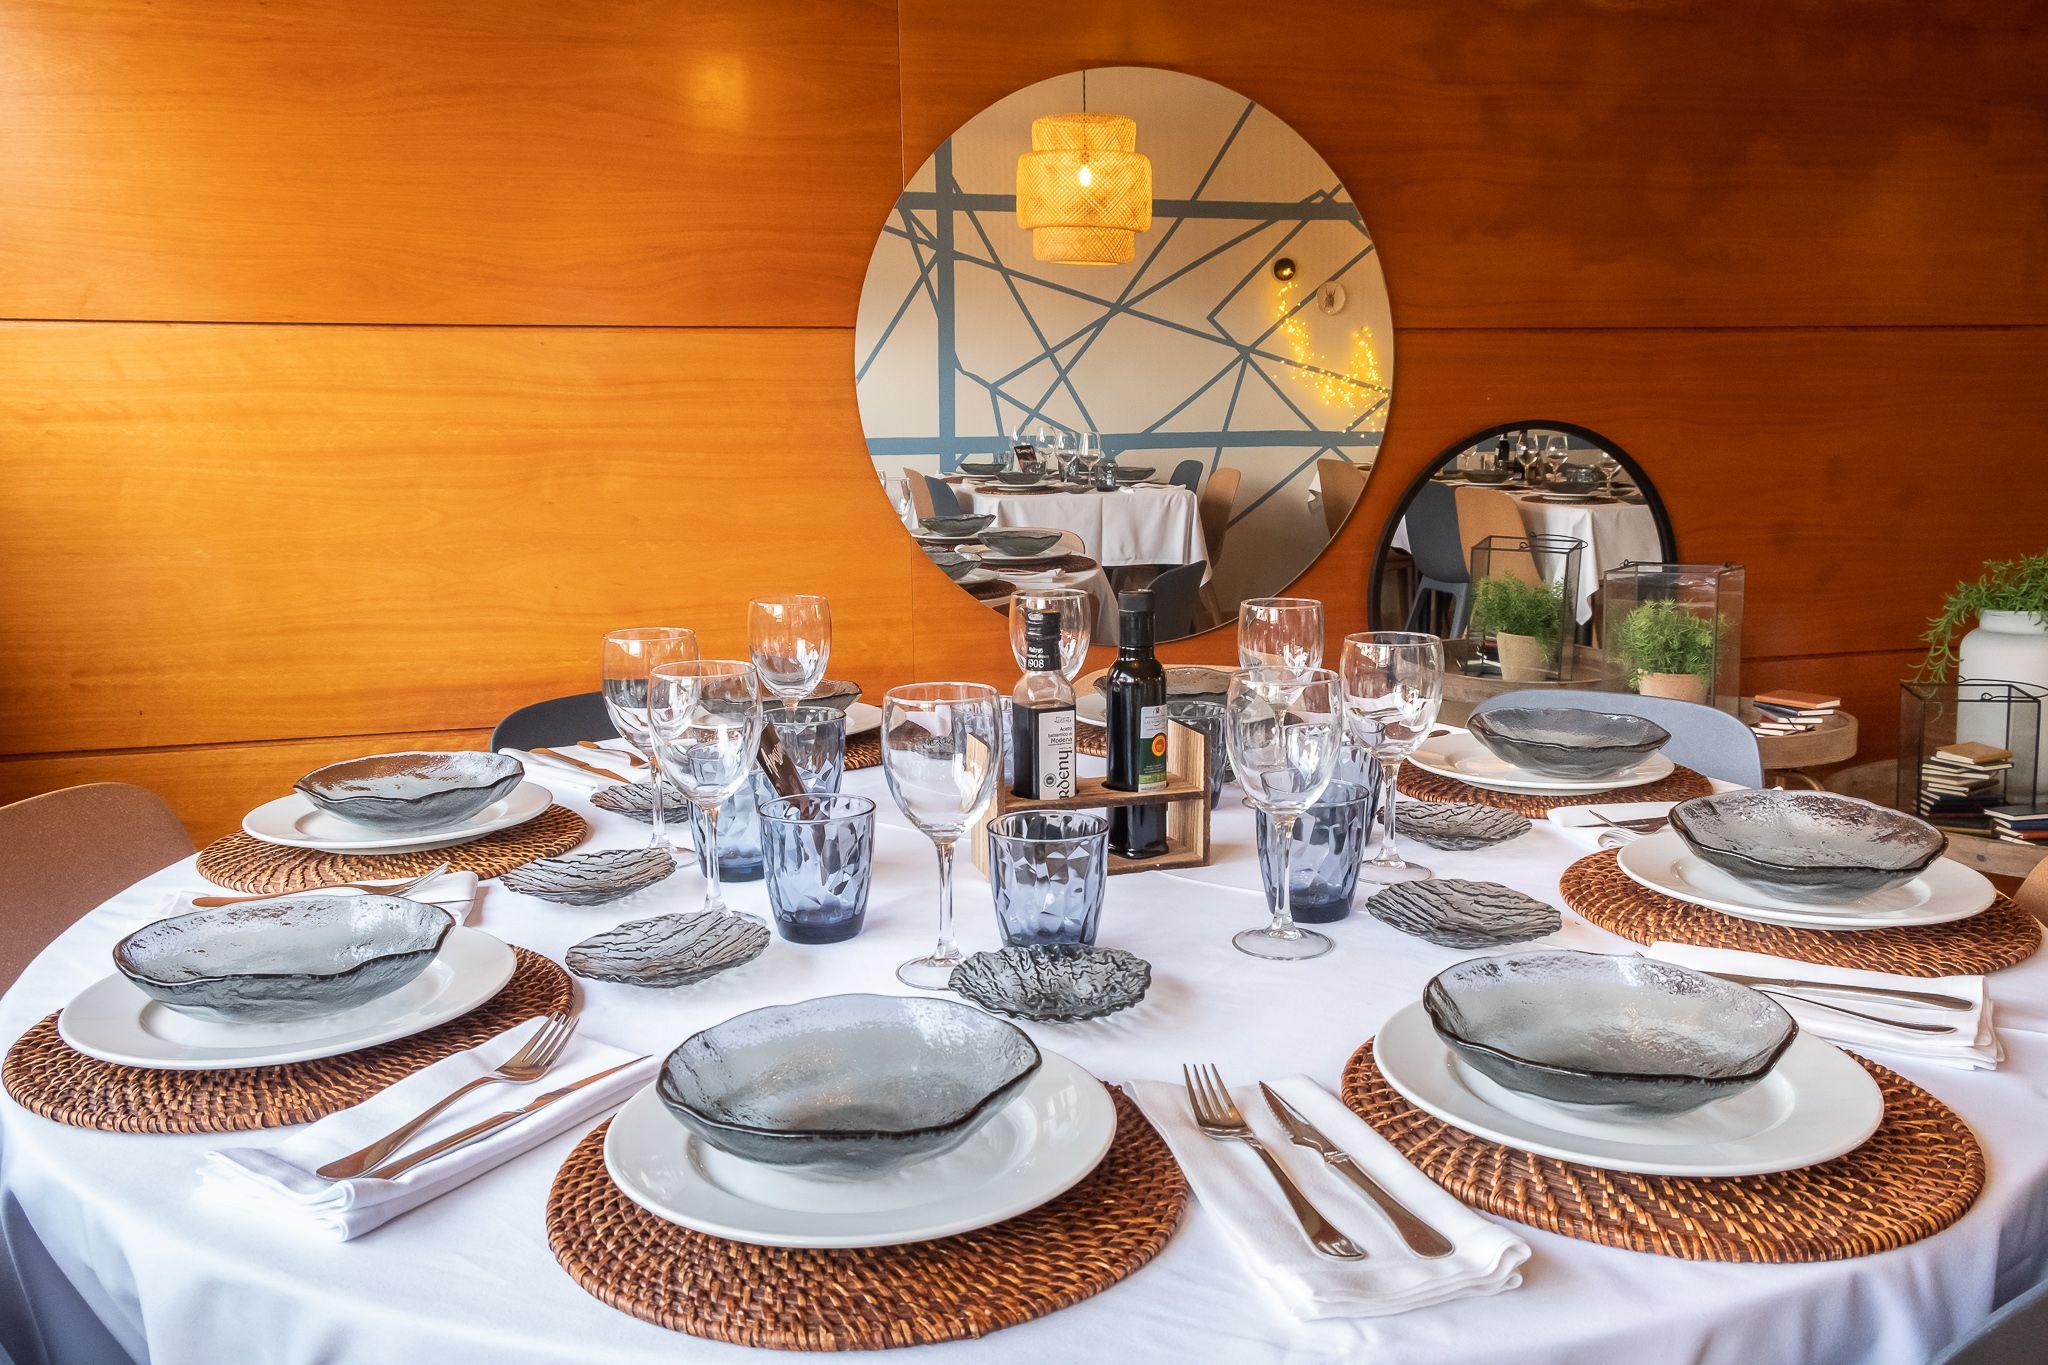 Restaurante de cocina tradicional Lleida